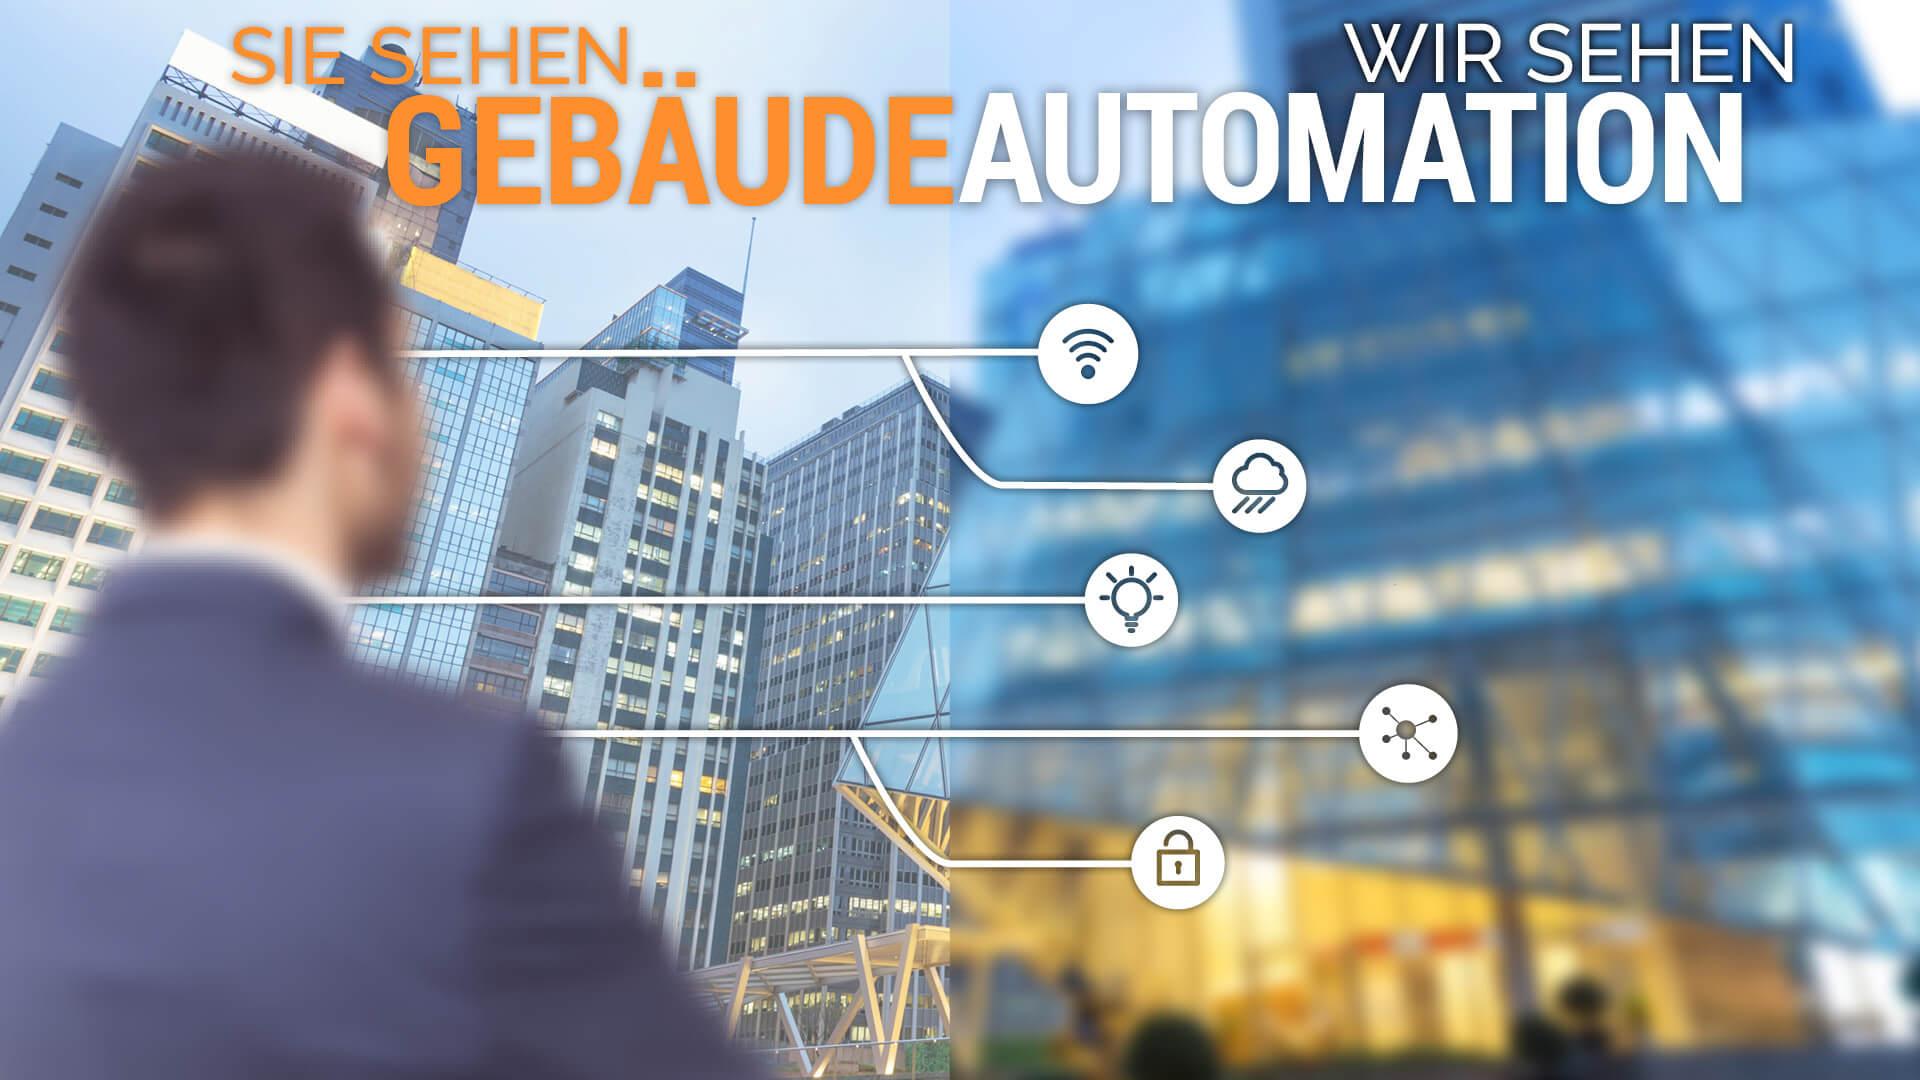 Sie sehen Gebäude - Wir sehen Automation